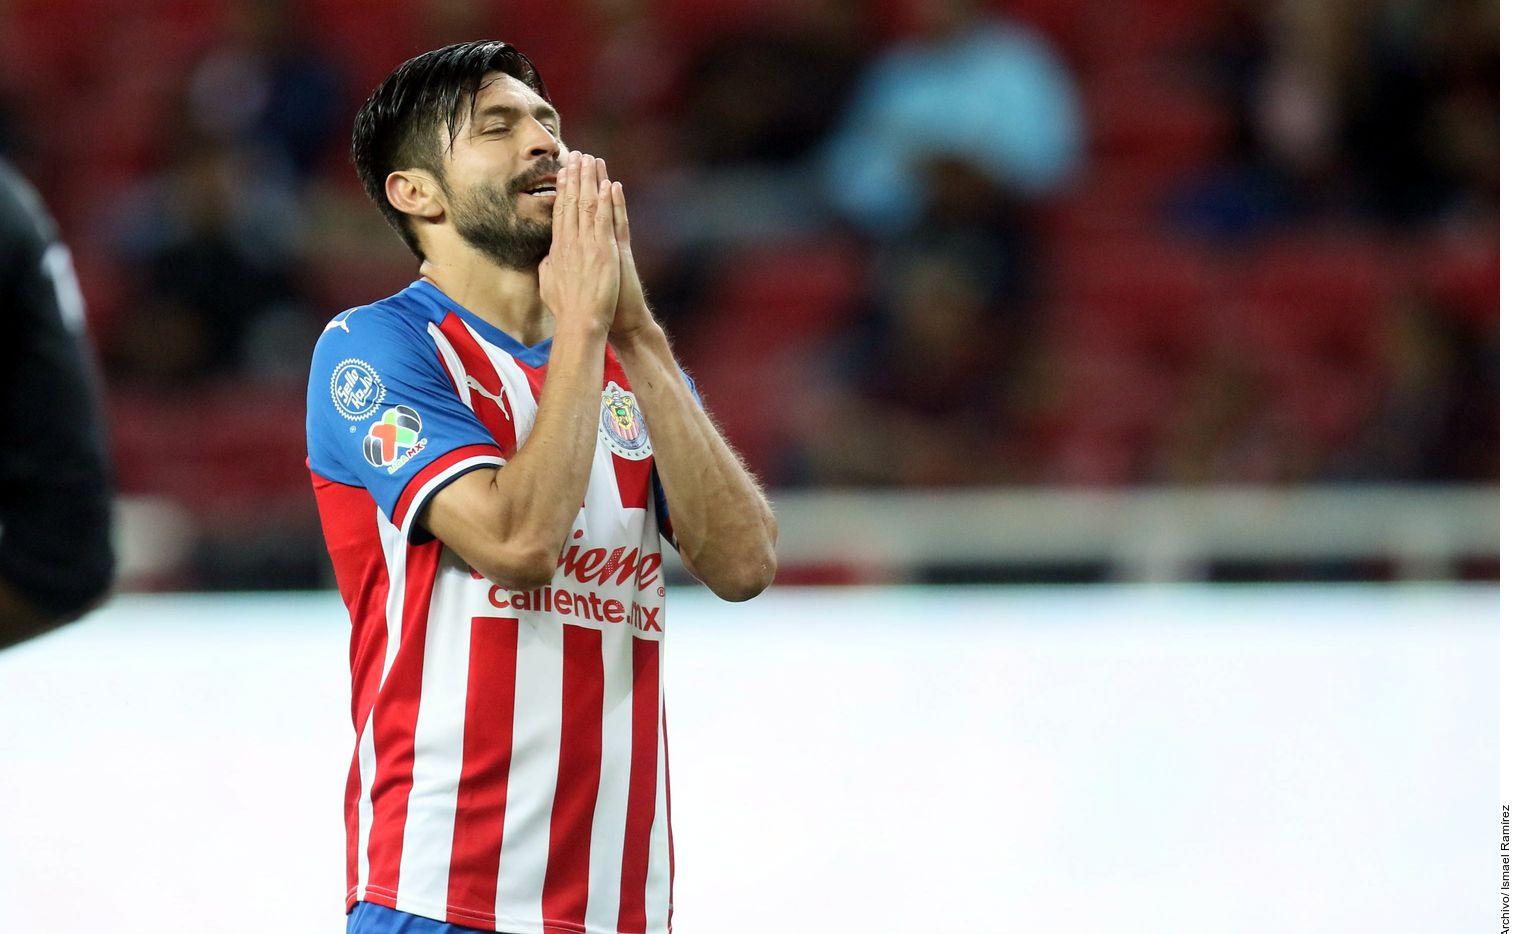 Oribe Peralta, jugador de Guadalajara, no podrá retirarse con el Santos Laguna, el equipo de su ciudad natal.